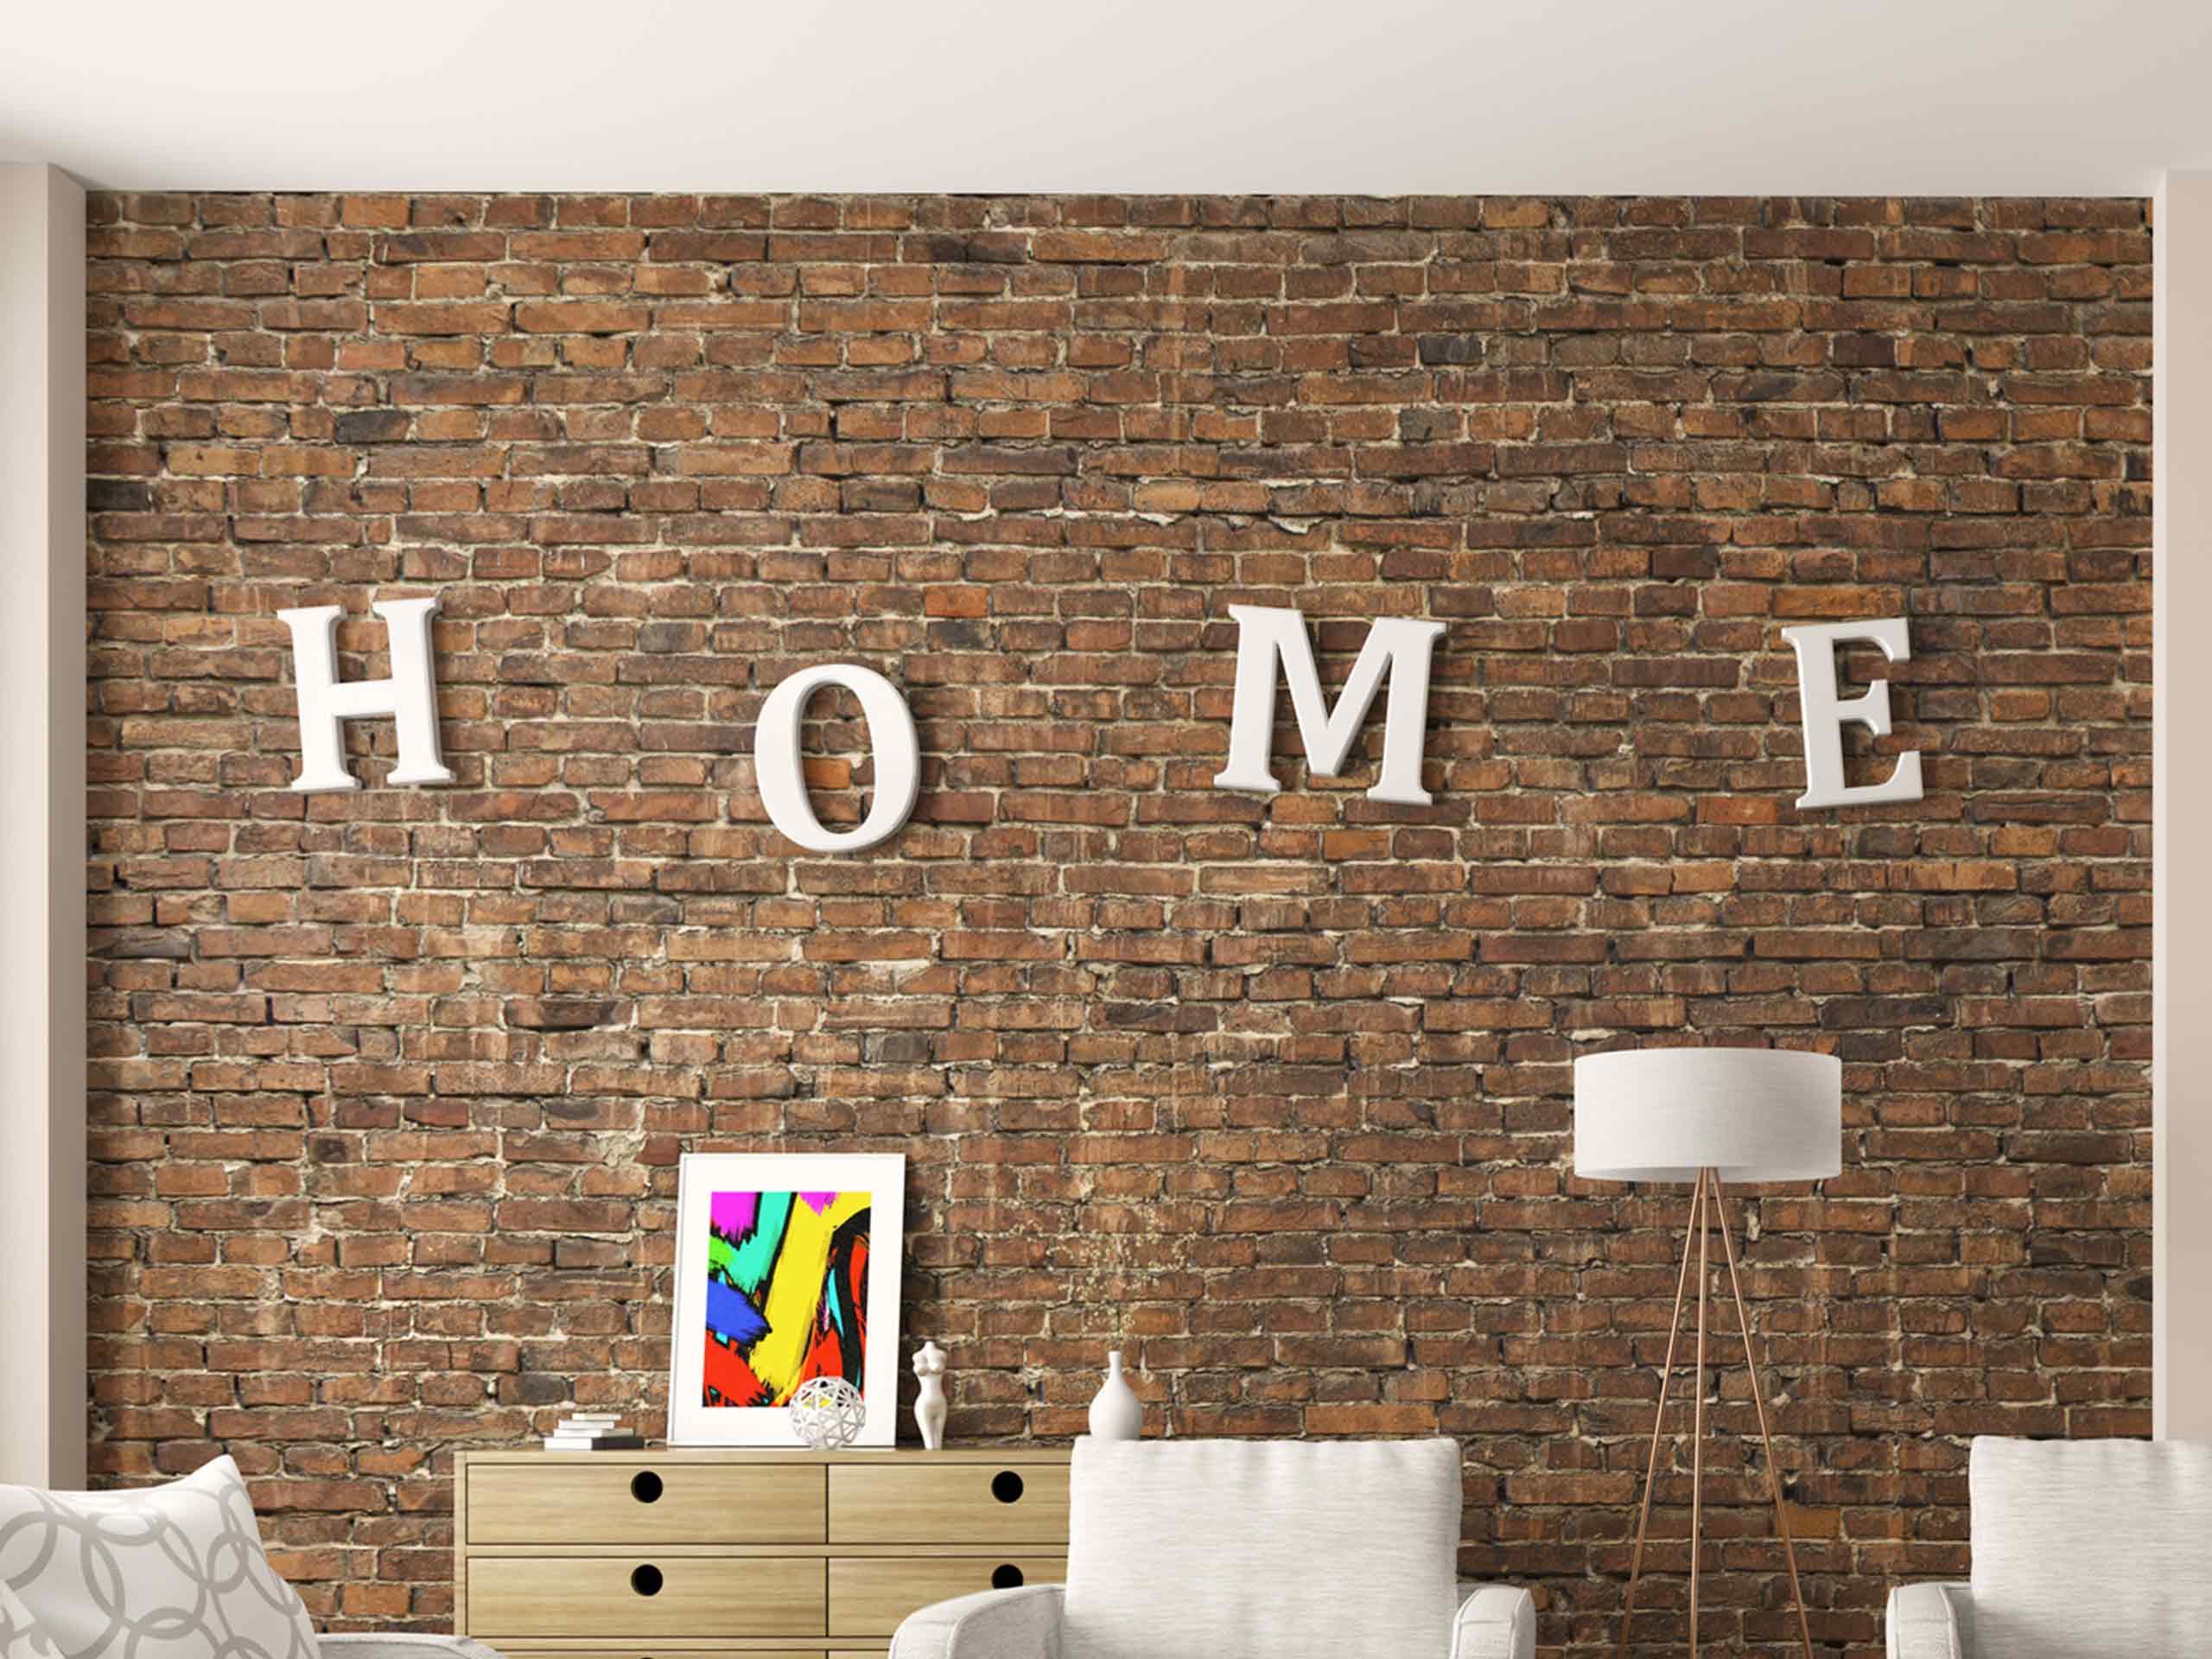 Refinance - Home Loans - HSBC Bank USA